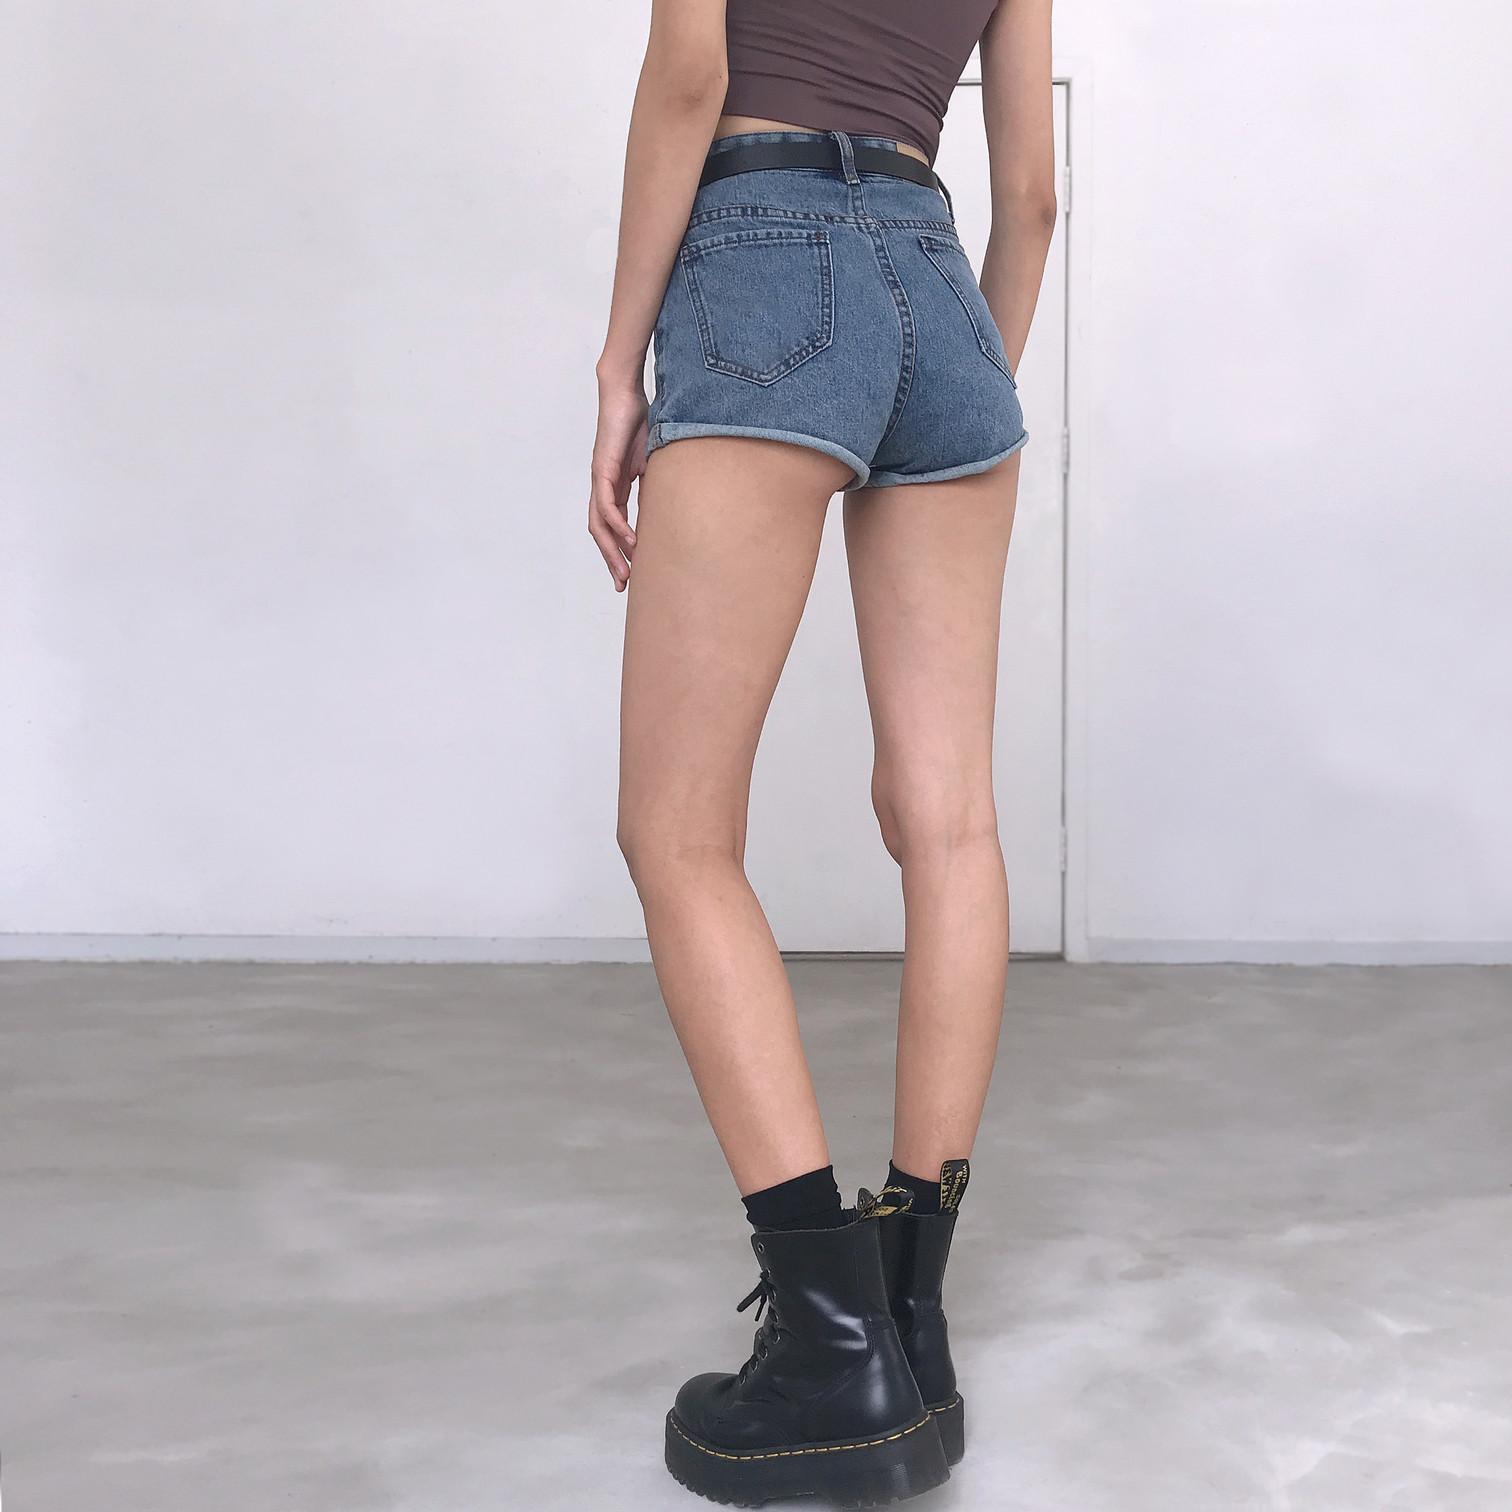 修身牛仔短裤 WS STUDIOS修身高腰洗水做旧显瘦显腿长卷边牛仔短裤女热裤送腰带_推荐淘宝好看的女修身牛仔短裤